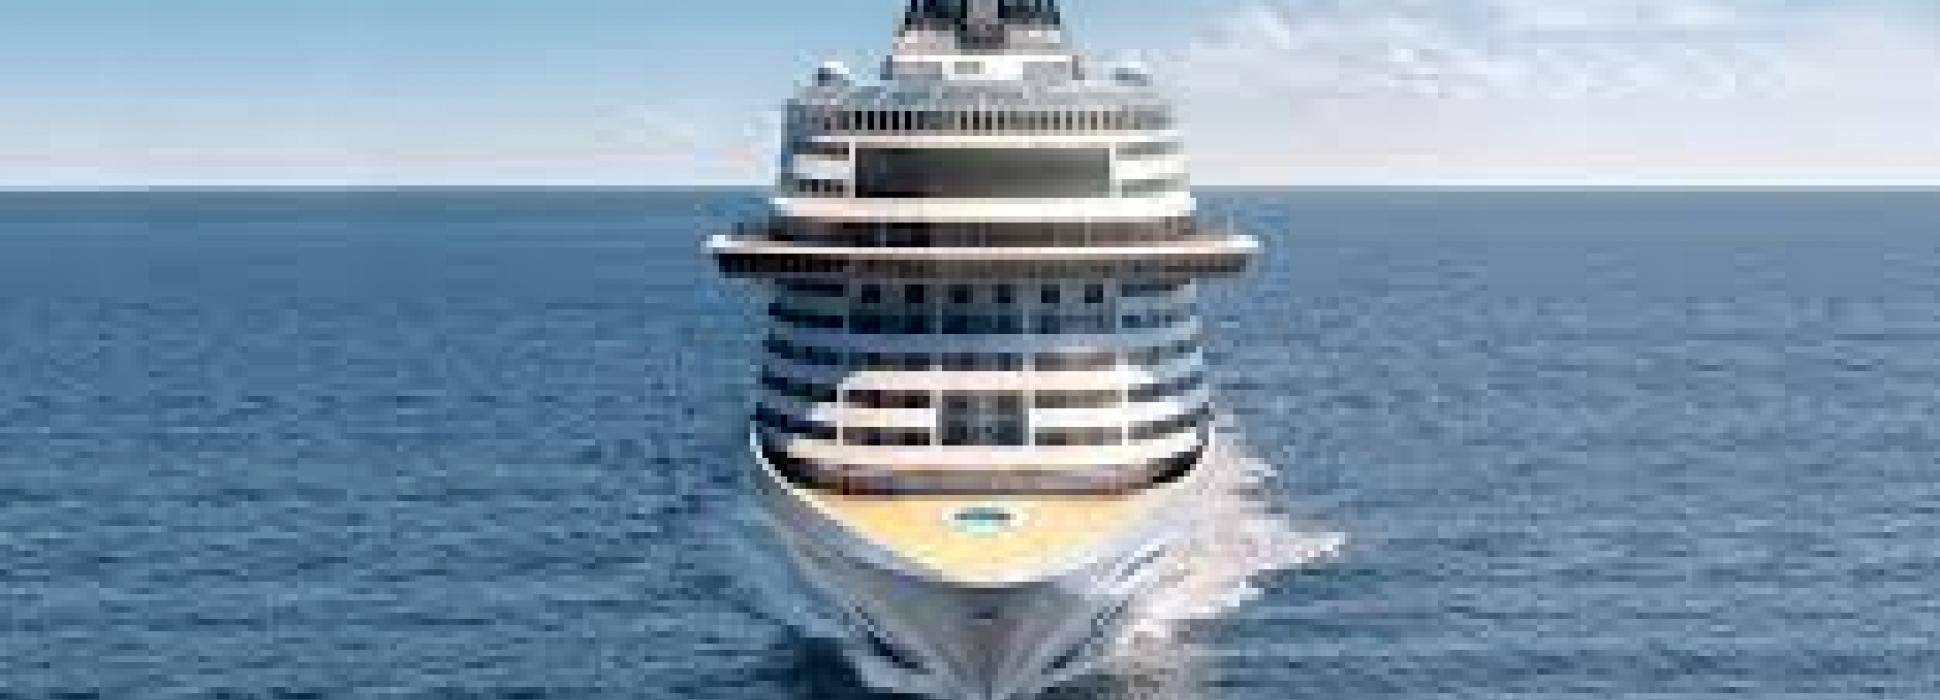 Les Chantiers de l'Atlantique de Saint-Nazaire et MSC Croisières s'engagent à diminuer l'impact de leurs navires sur l'environnement